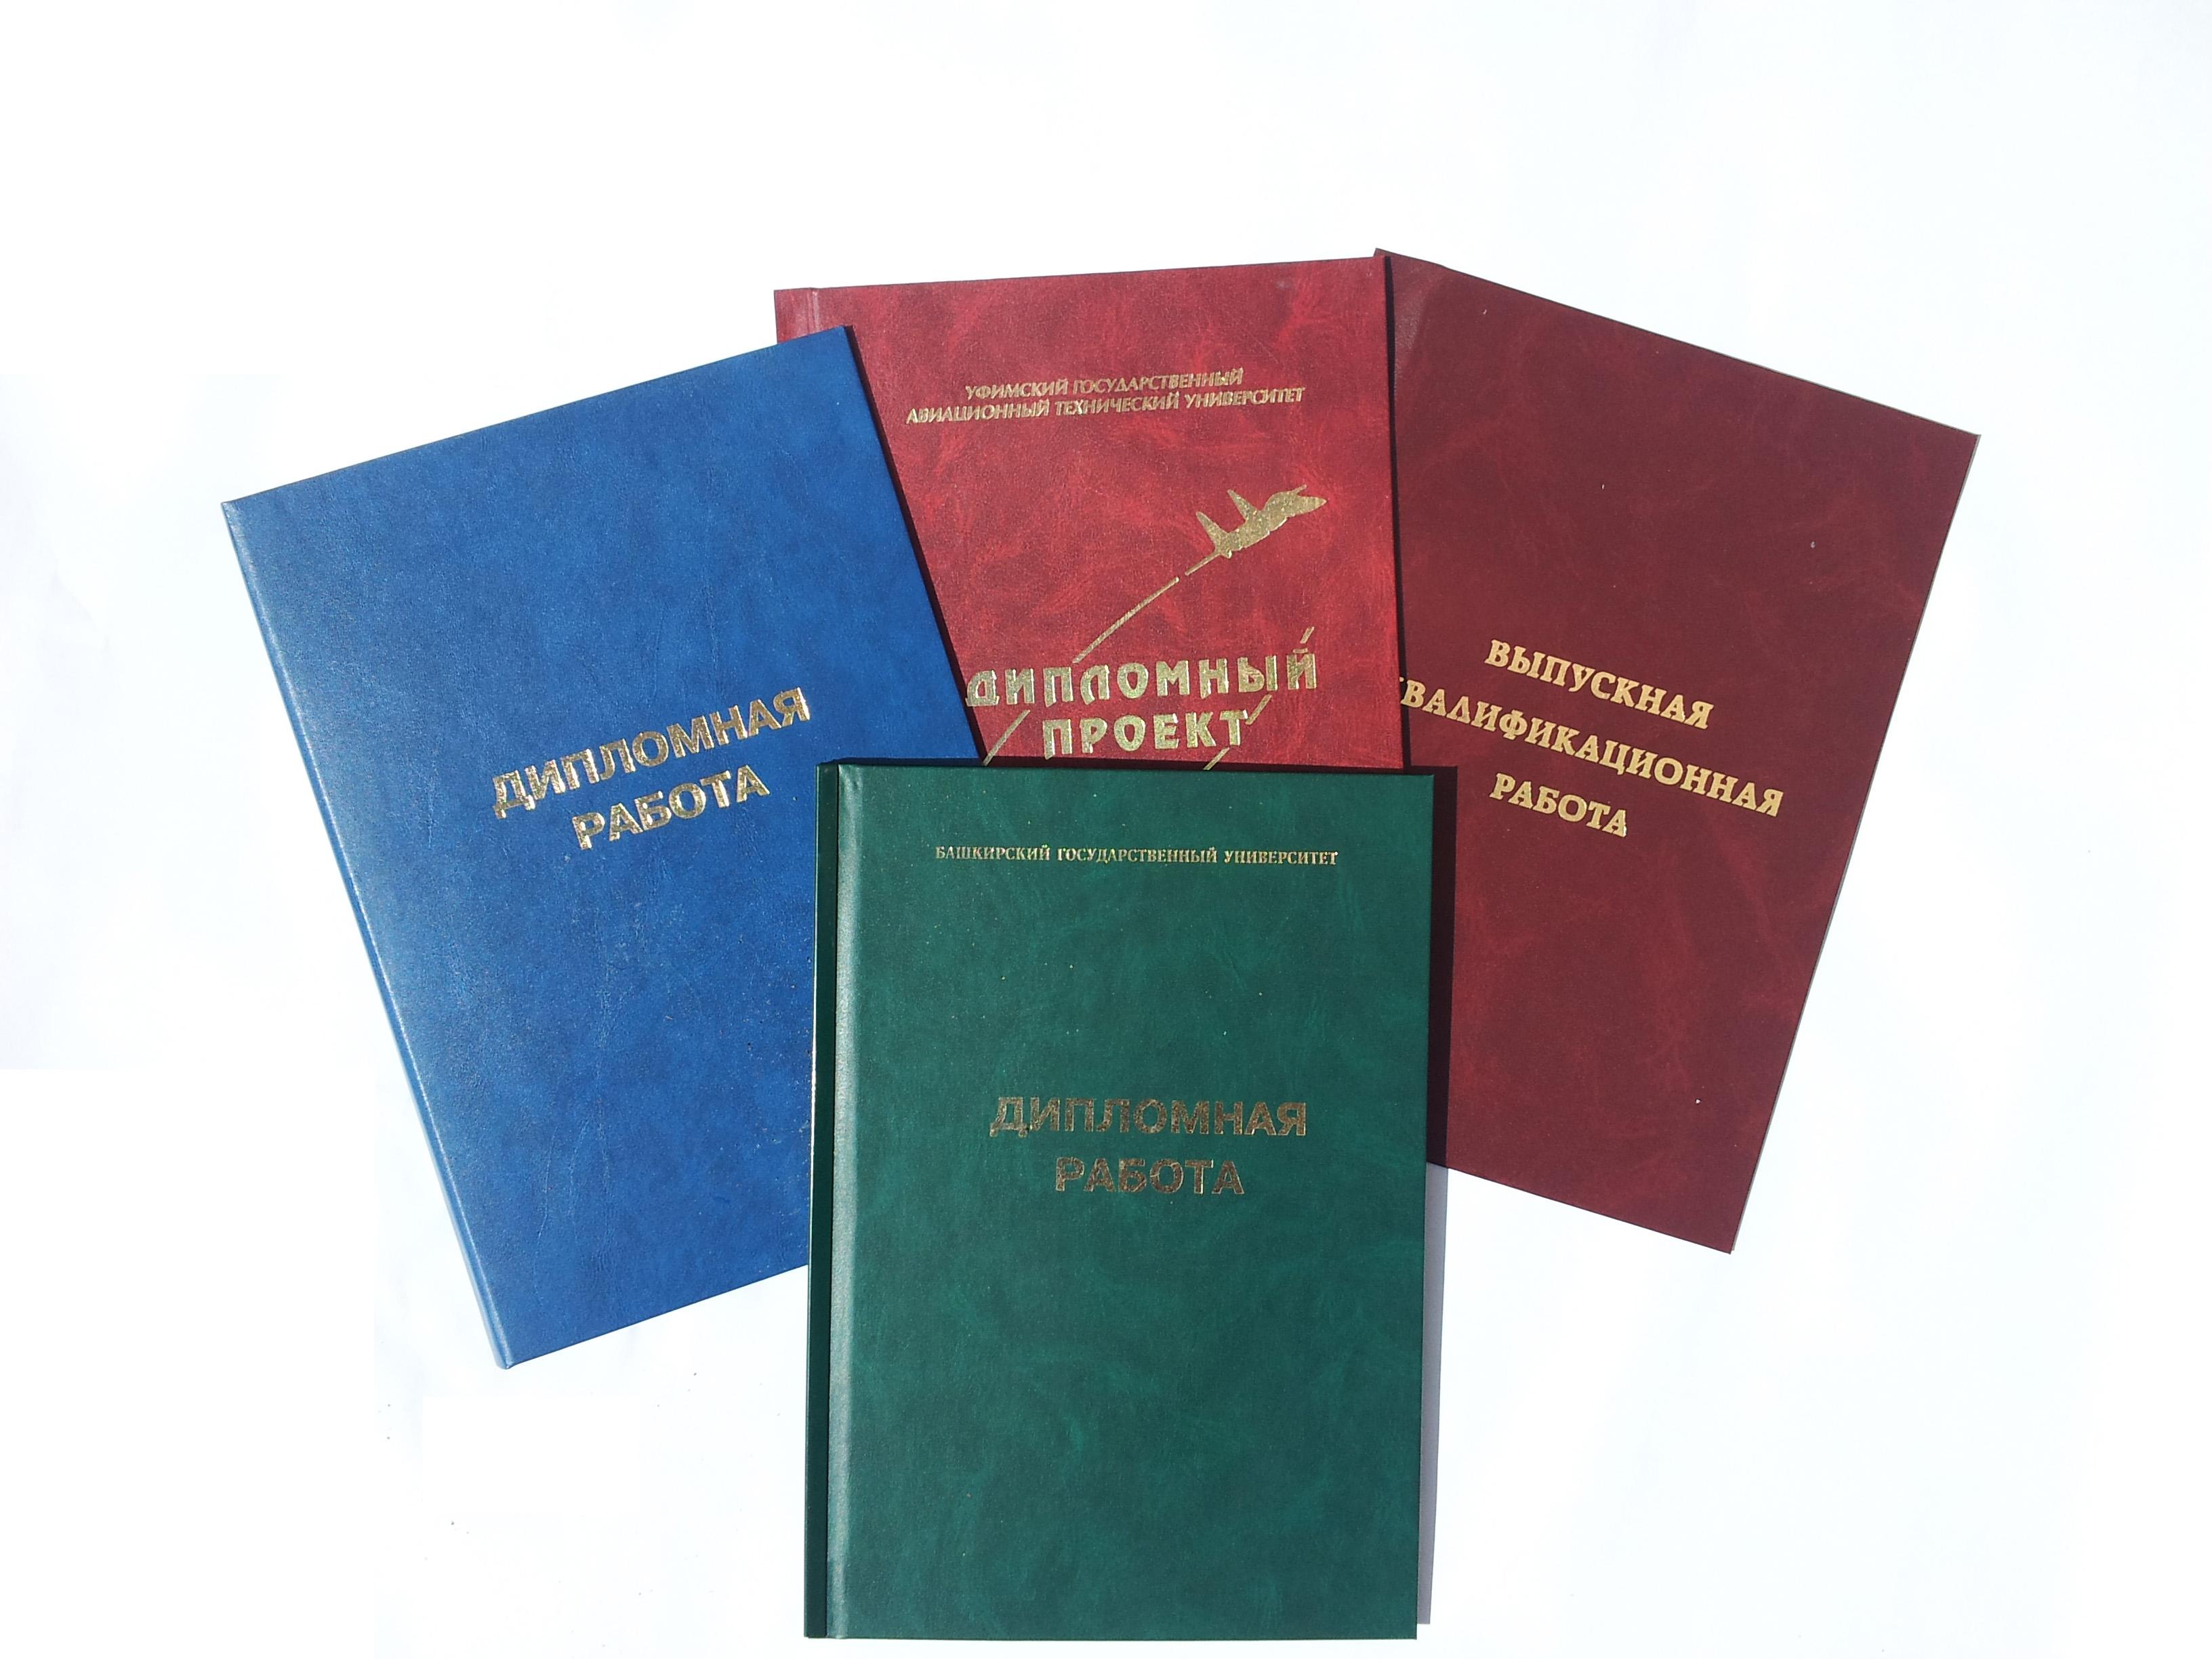 Статьи Заказ курсовой реферата или диплома у профессионалов  Написание дипломной работы